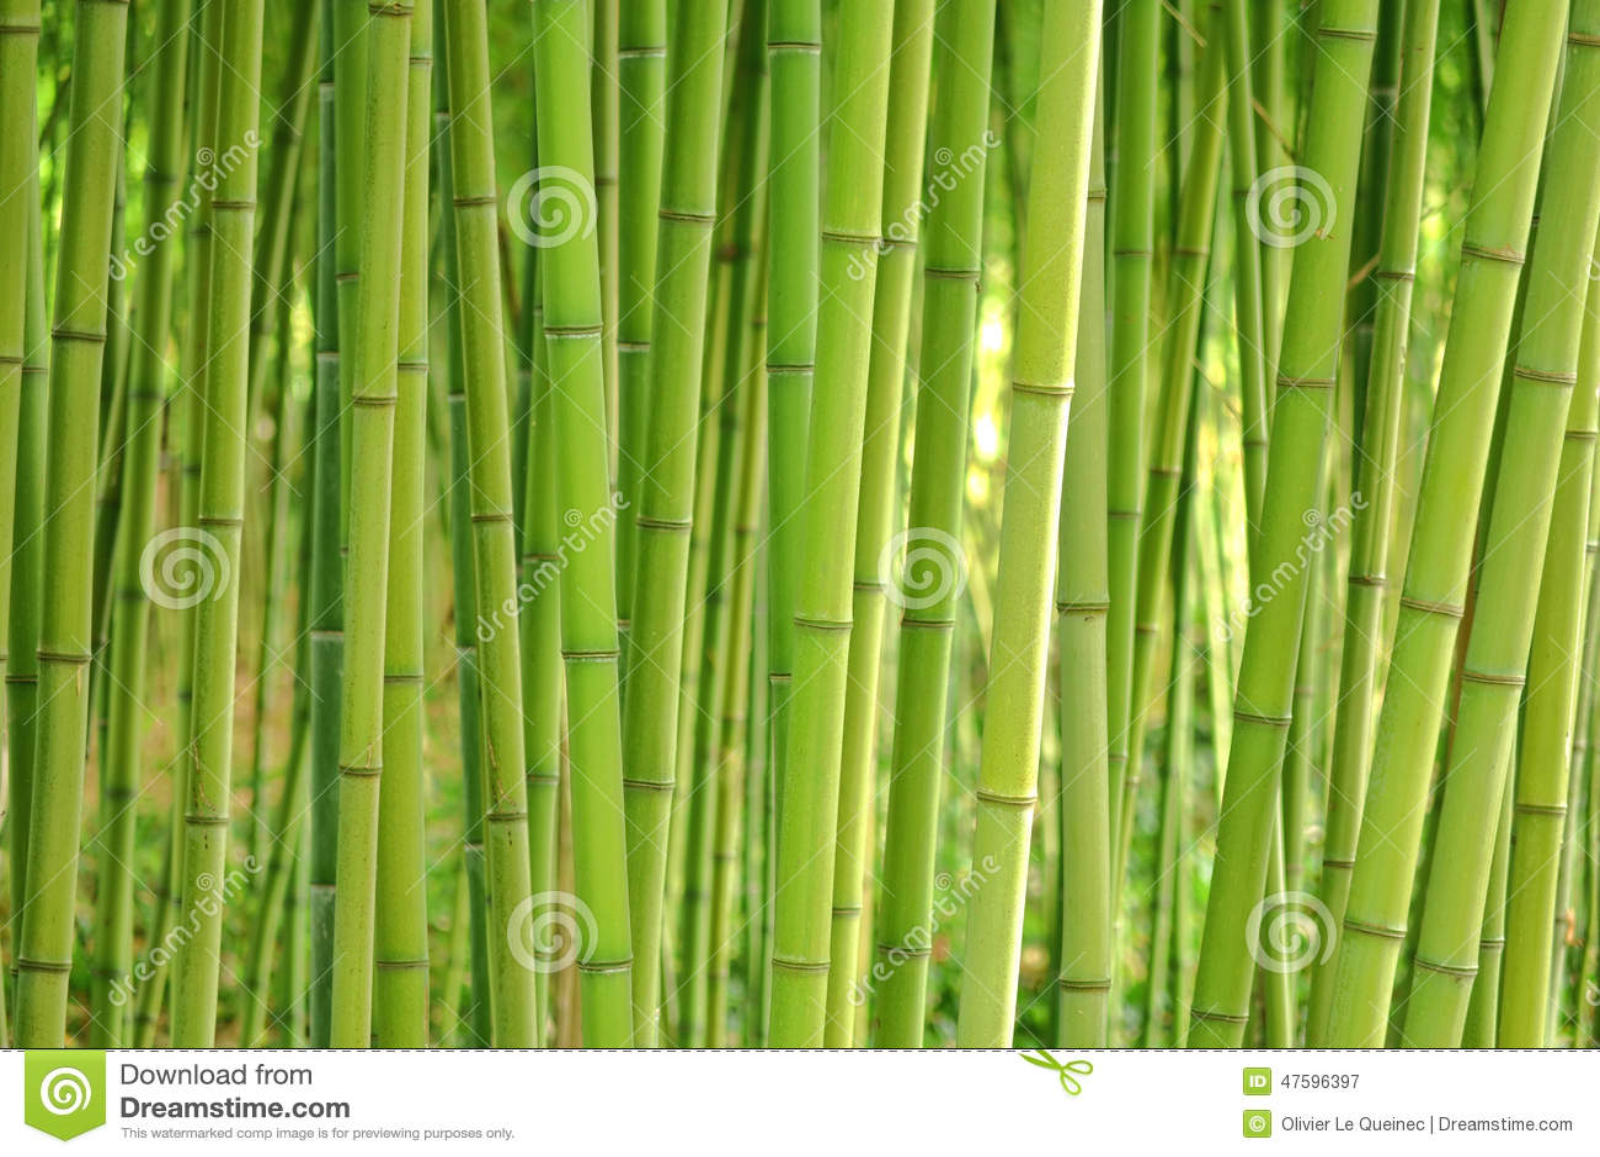 La tige en bambou d 39 herbe plante des tiges dans le verger dense photo stock image 47596397 - Tige bambou artificiel ...